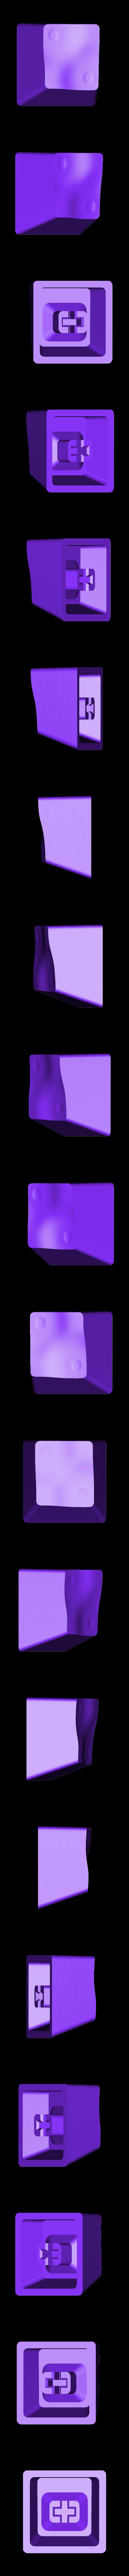 long_function.stl Télécharger fichier STL gratuit Capsules mathématiques • Objet à imprimer en 3D, rsheldiii